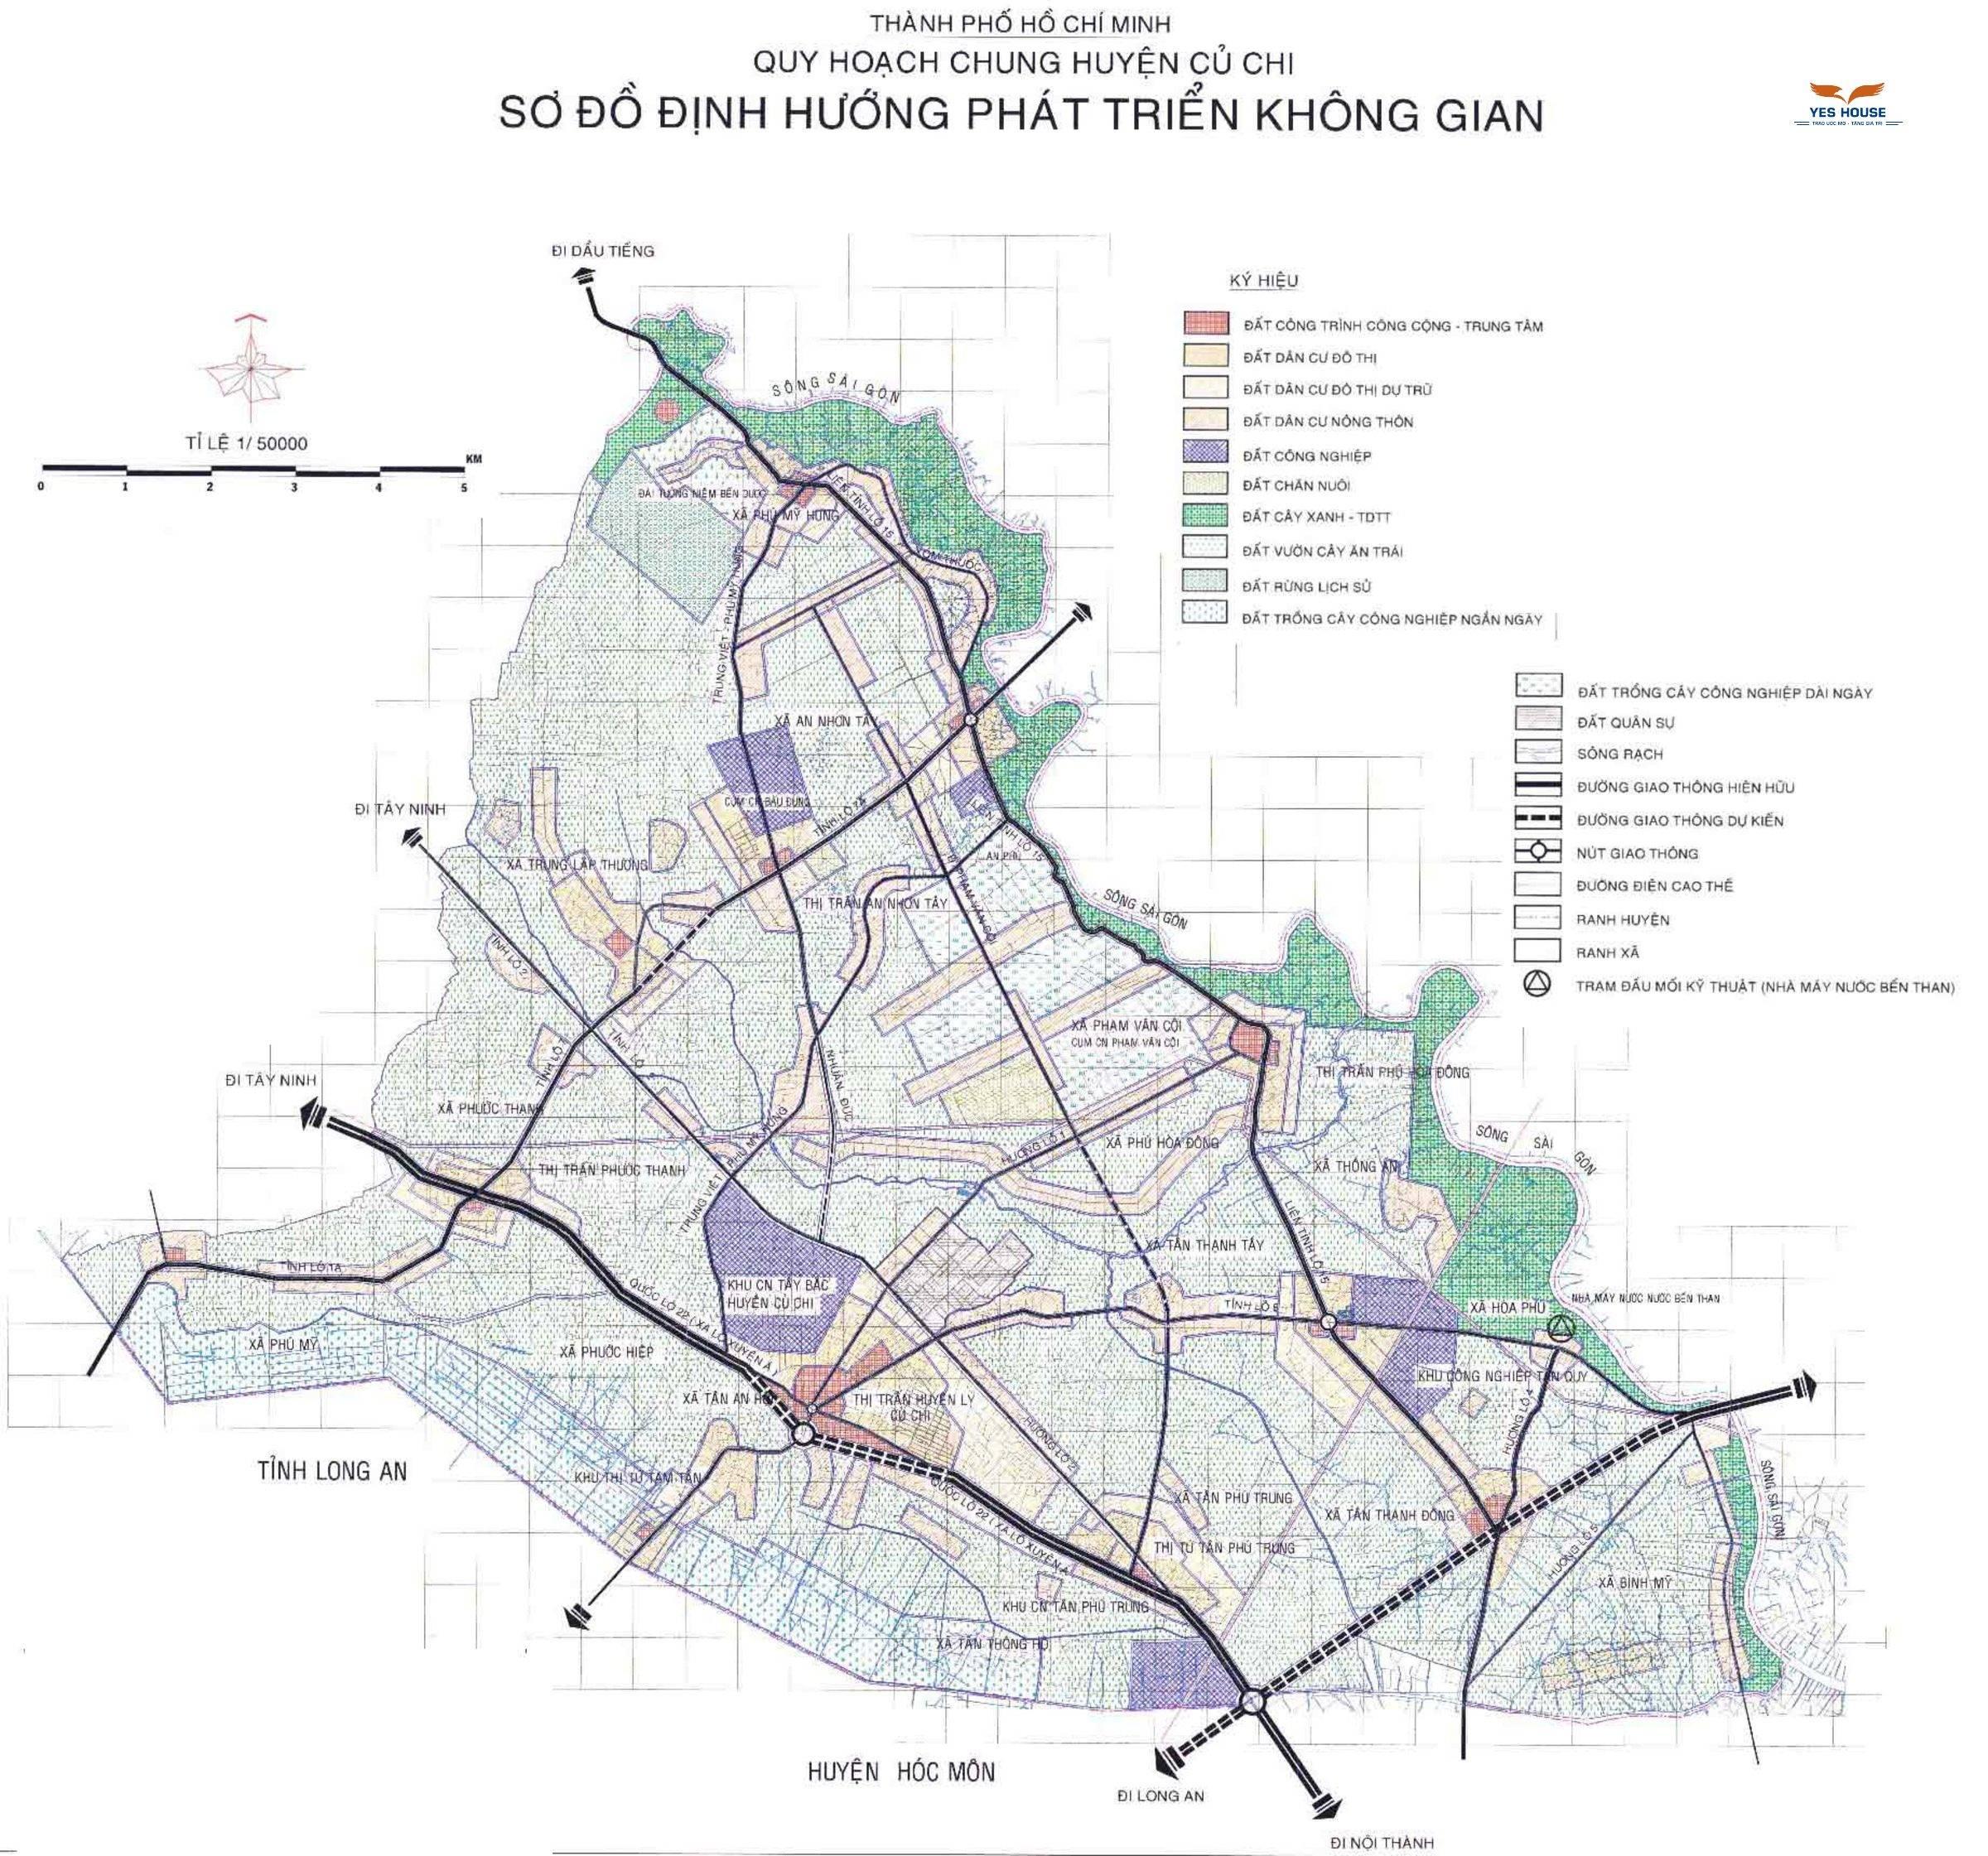 Sơ đồ định hướng phát triển không gian huyện Củ Chi đến năm 2030 - Yeshouse